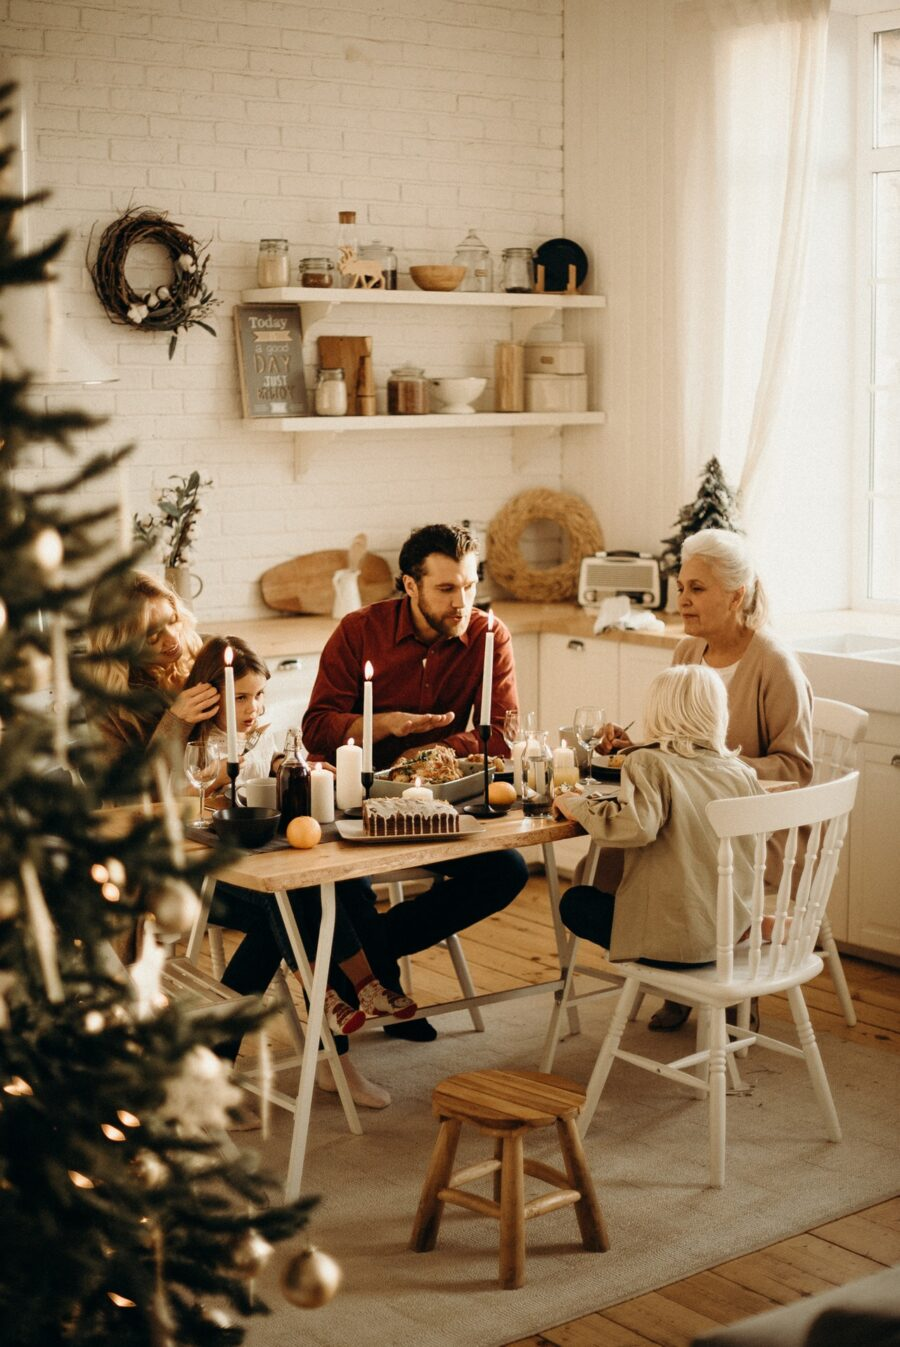 święta przy rodzinnym stole z rodziną